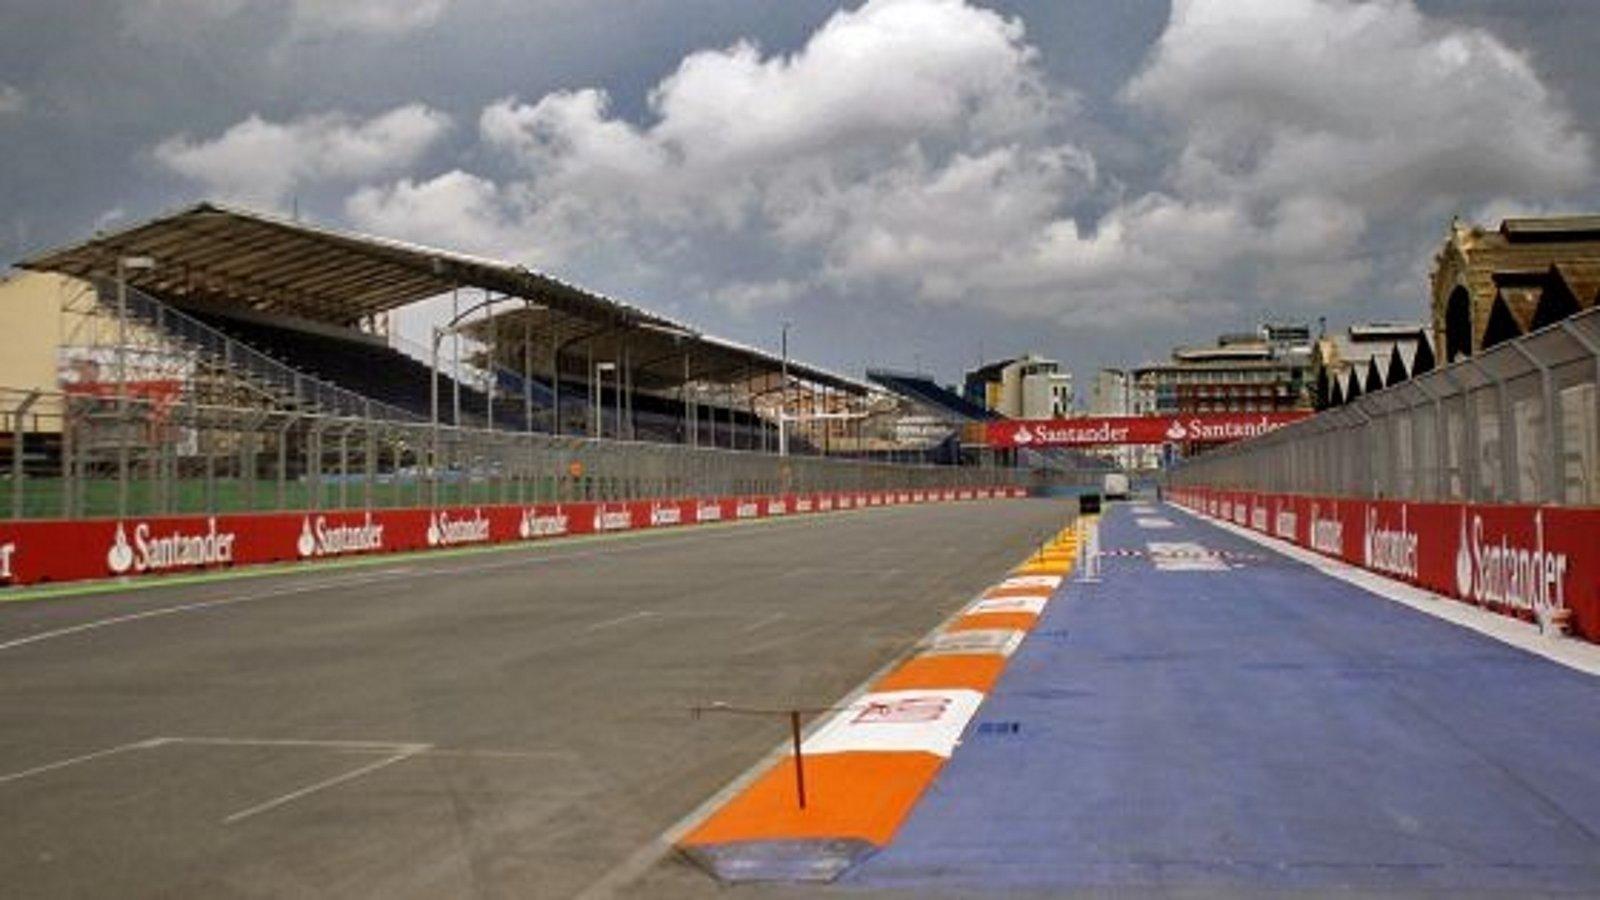 Circuito Valencia F1 : Petición · ayuntamiento de valencia ¡que el circuito urbano de